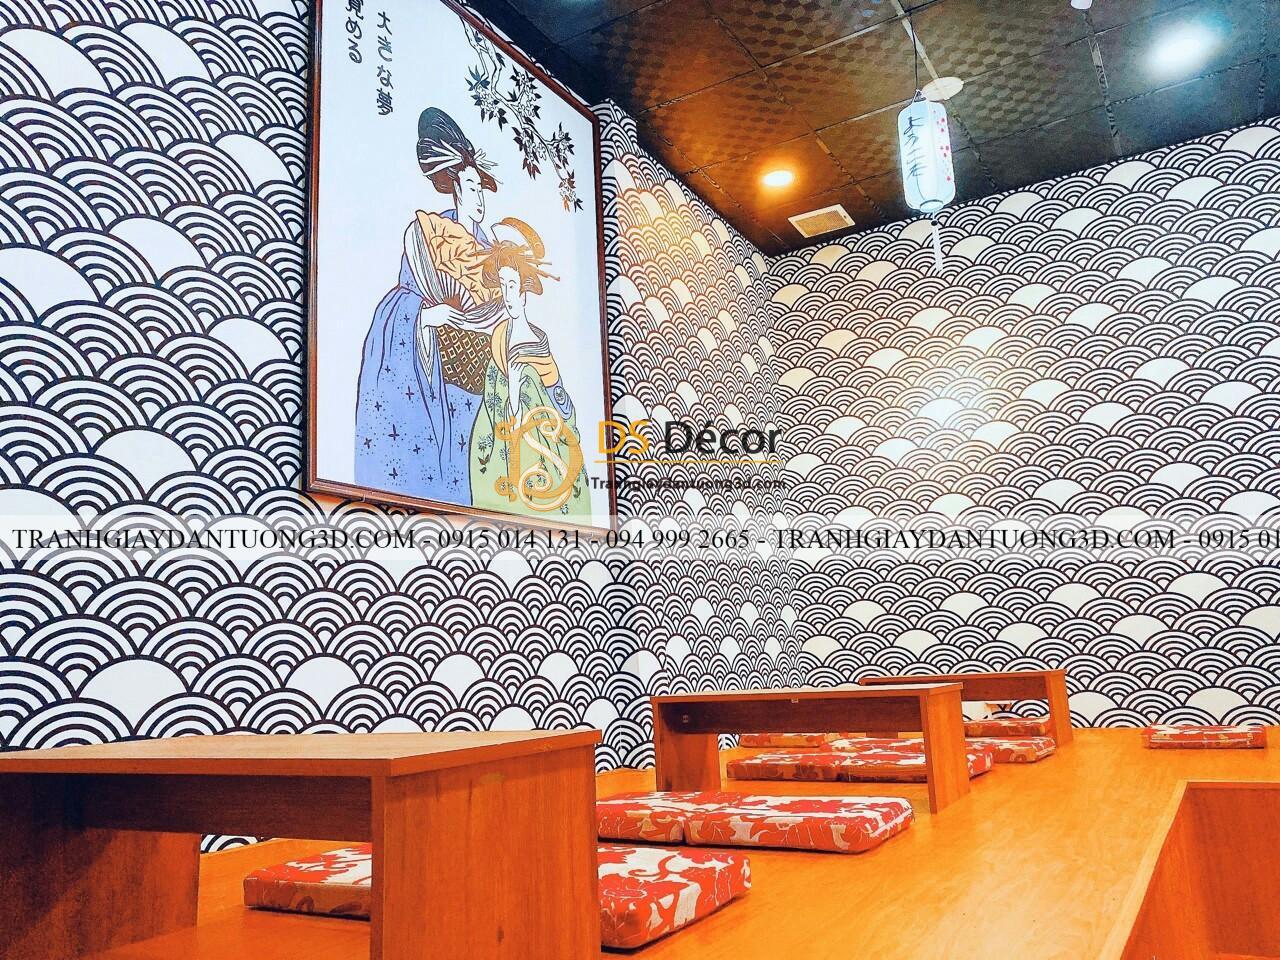 Thi công giấy dán tường Nhật Bản cho nhà hàng Nhật